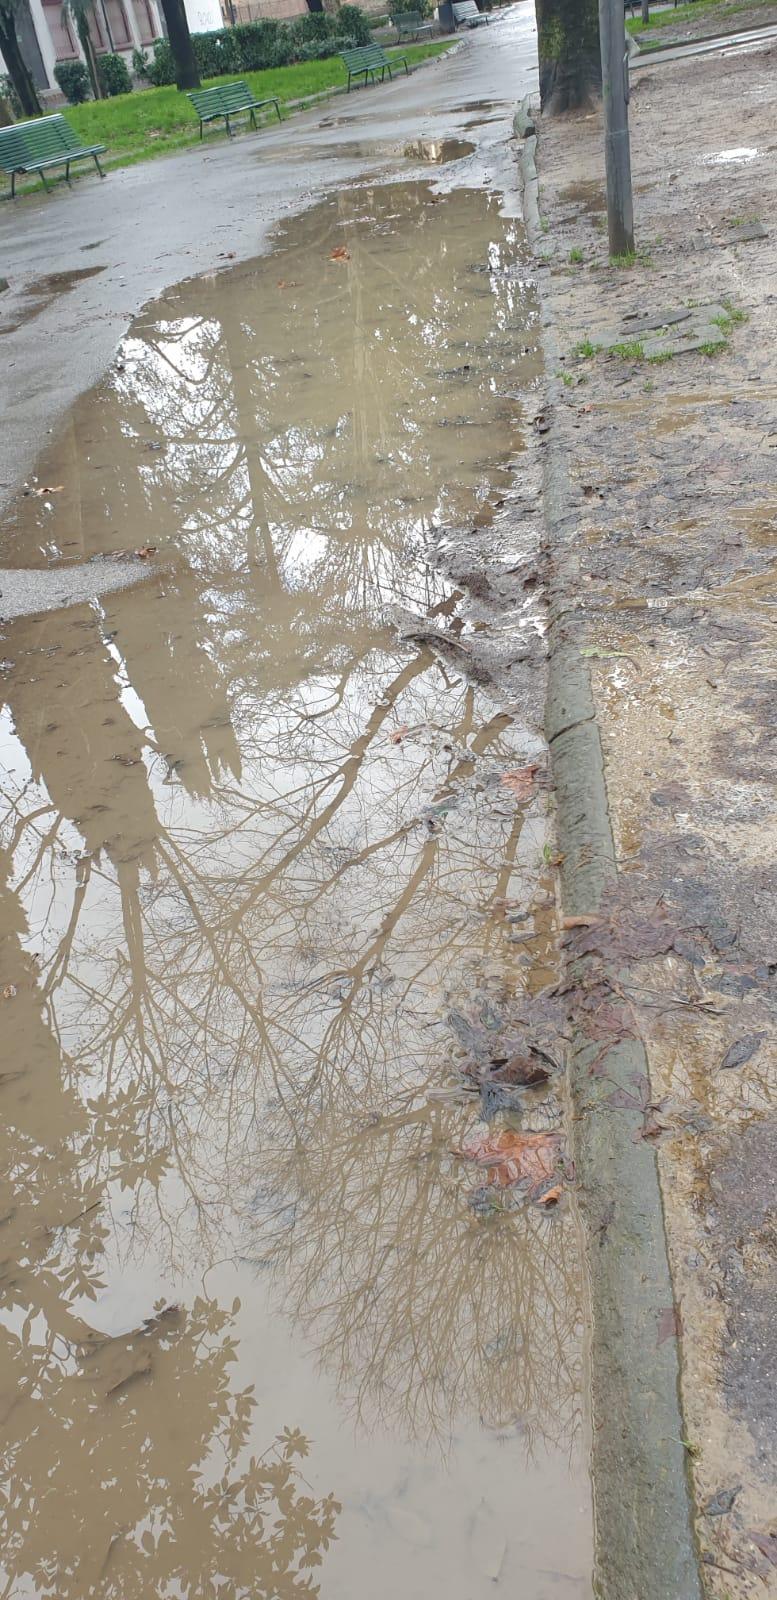 viale dei bambini alagamenti pioggia (9)